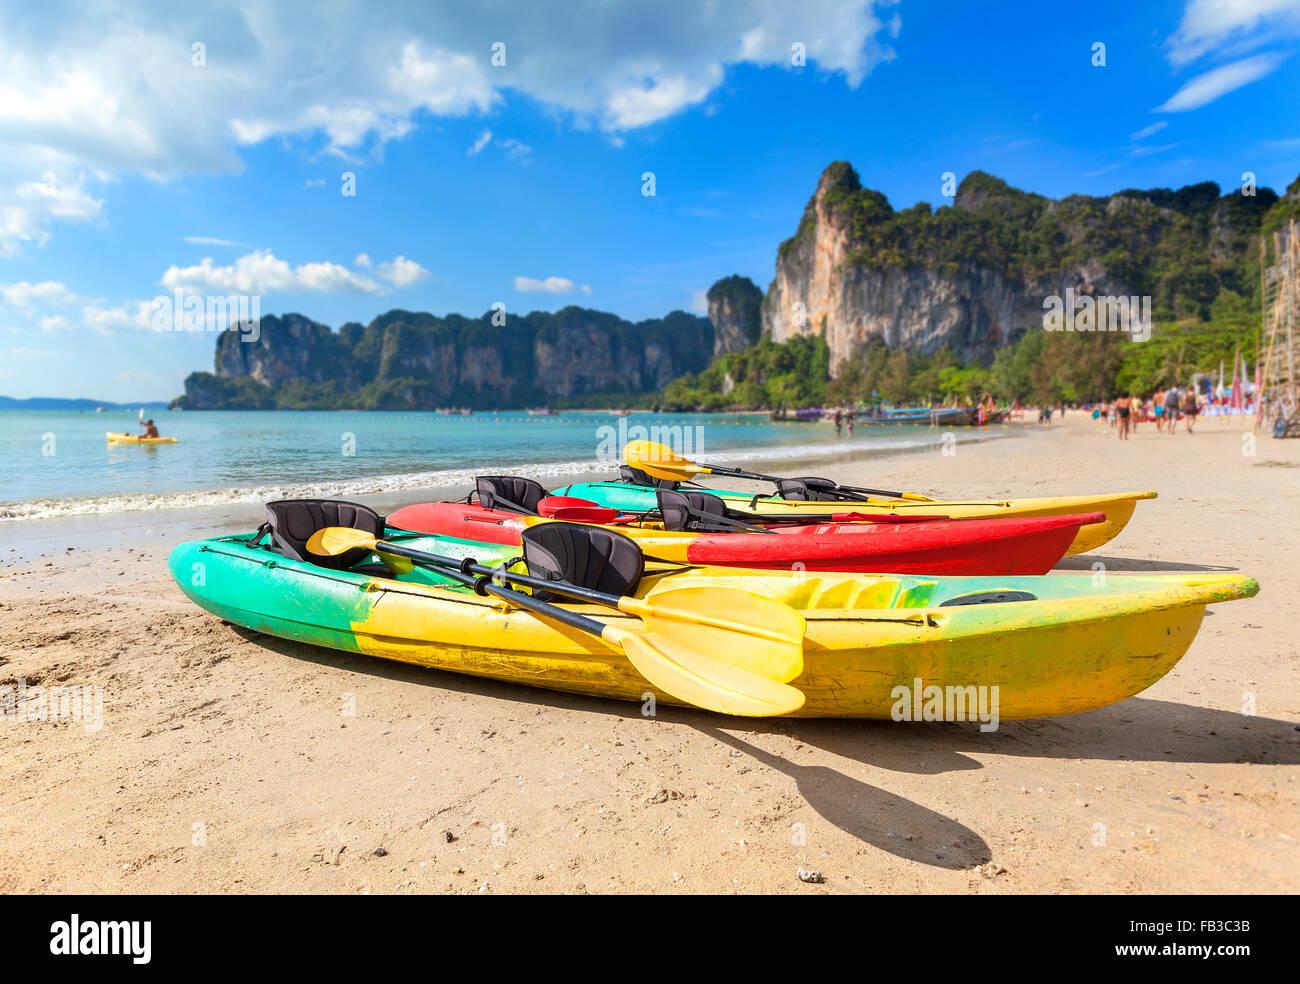 Kayaks en una playa tropical, vacaciones activas, concepto, la profundidad de campo. Imagen De Stock